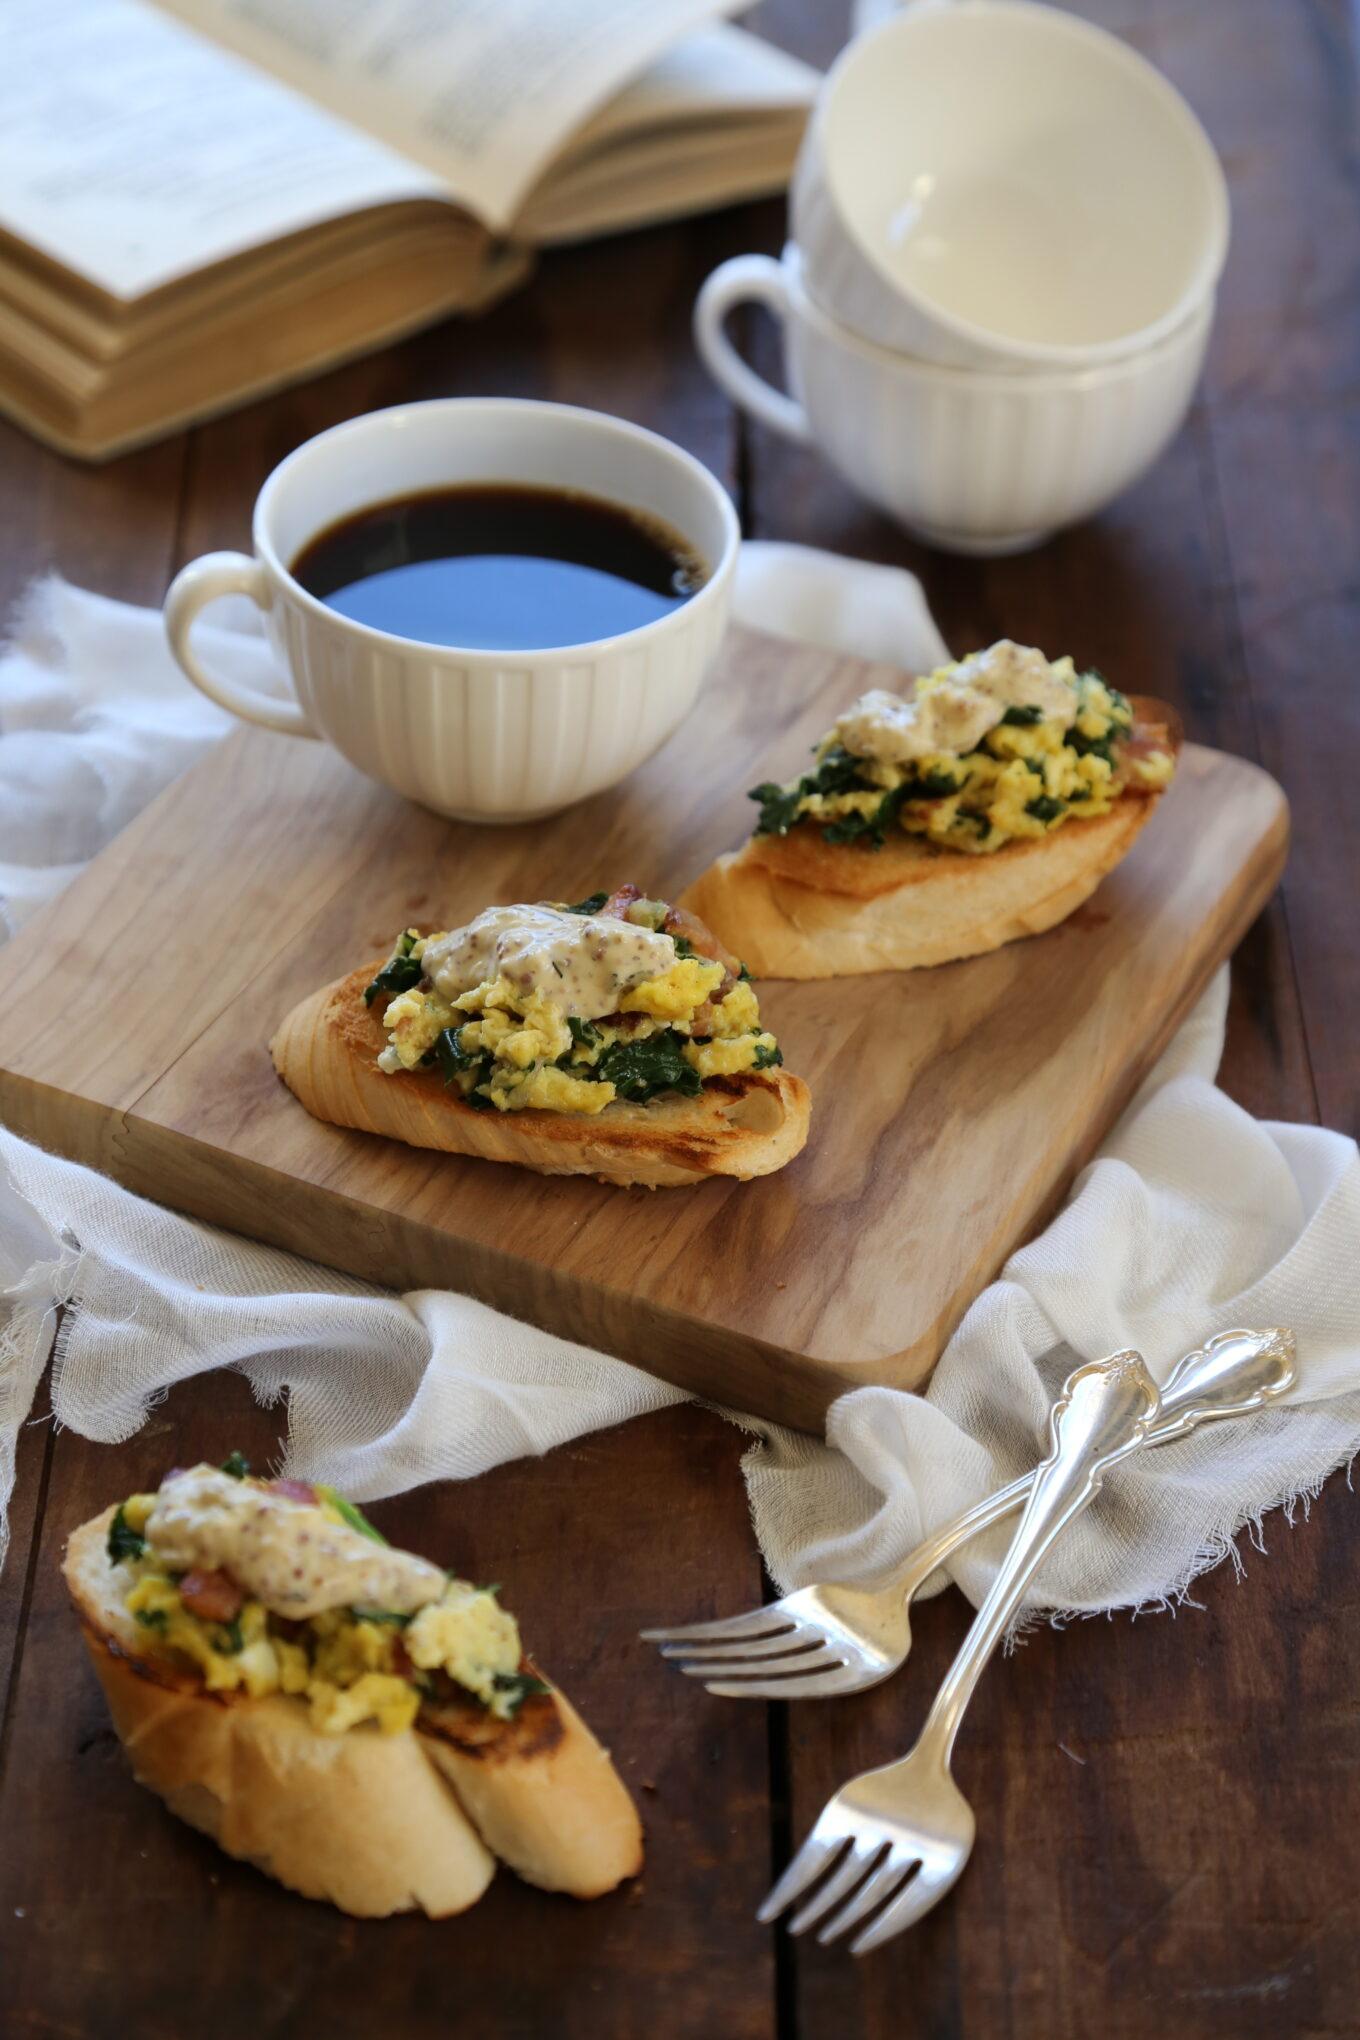 Creamy Scrambled Egg Toasts With Bacon Whole Grain Mustard Cream Sauce Climbinggriermountain